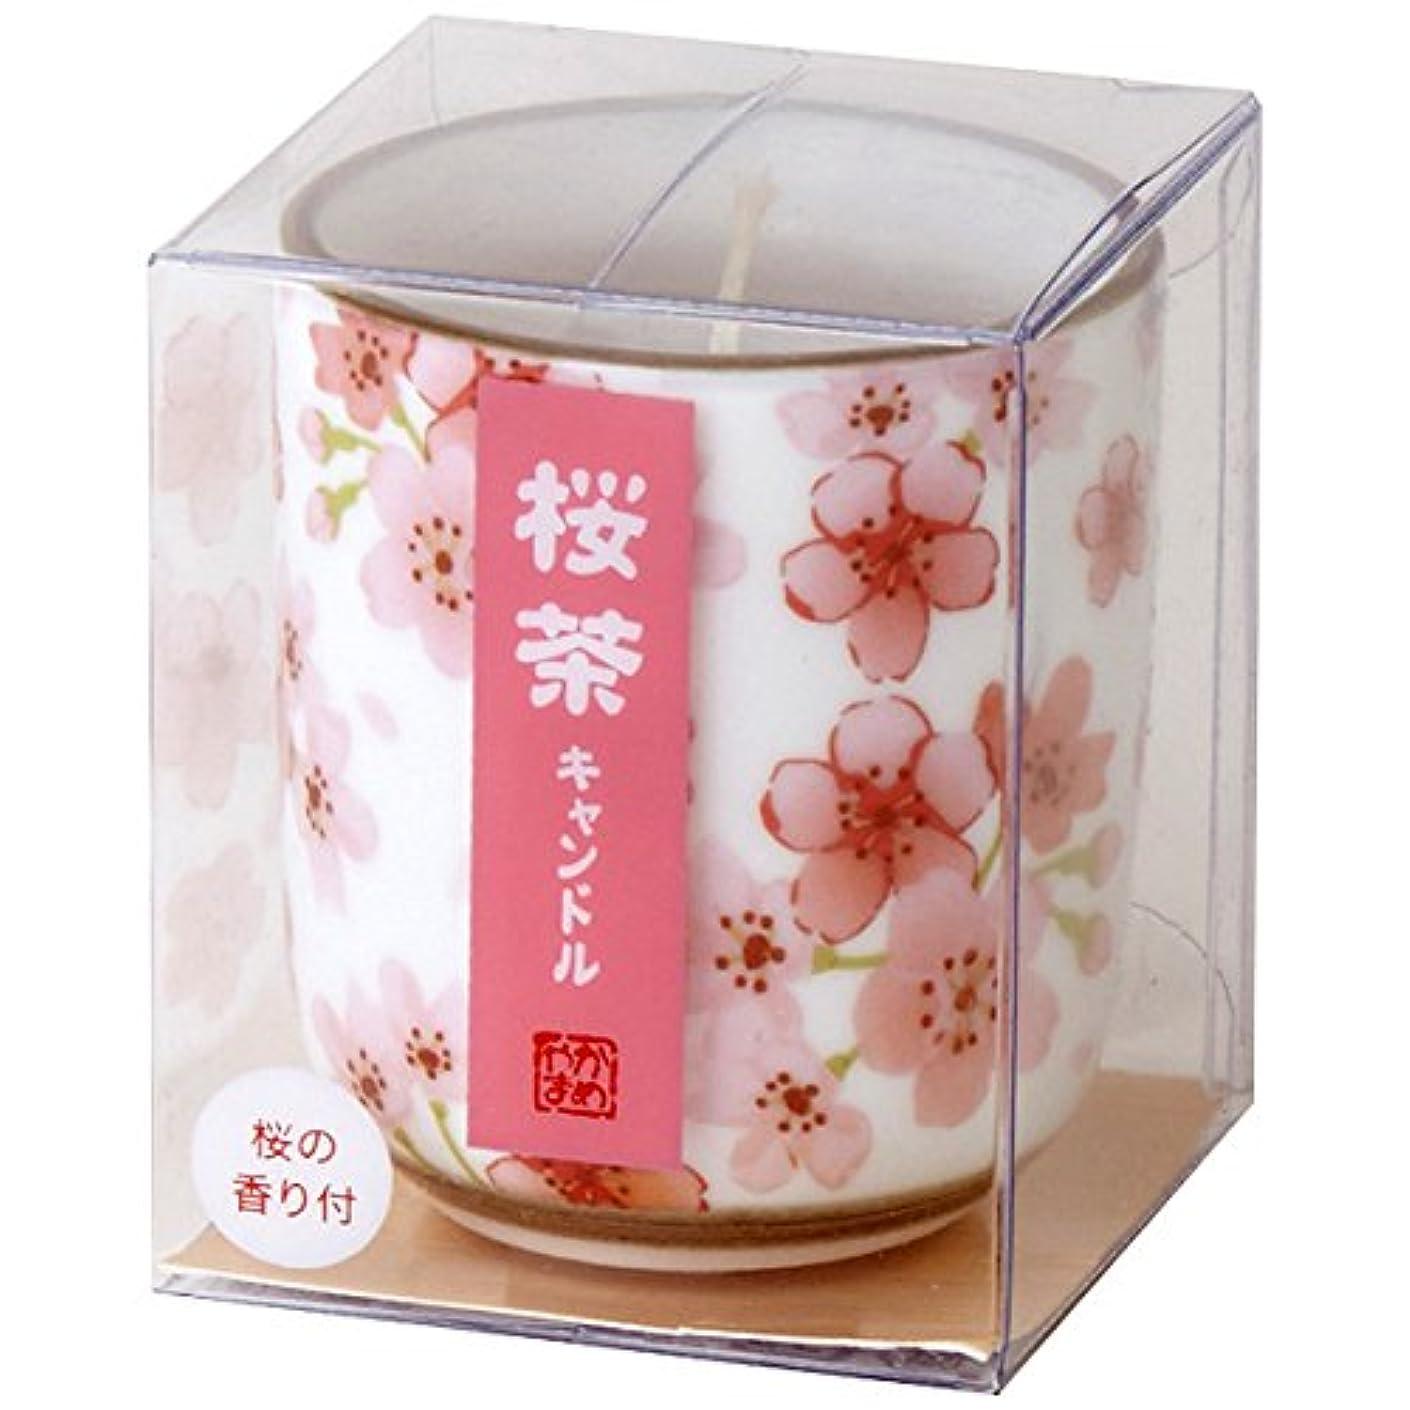 作り指定する五桜茶キャンドル(小) 86580010